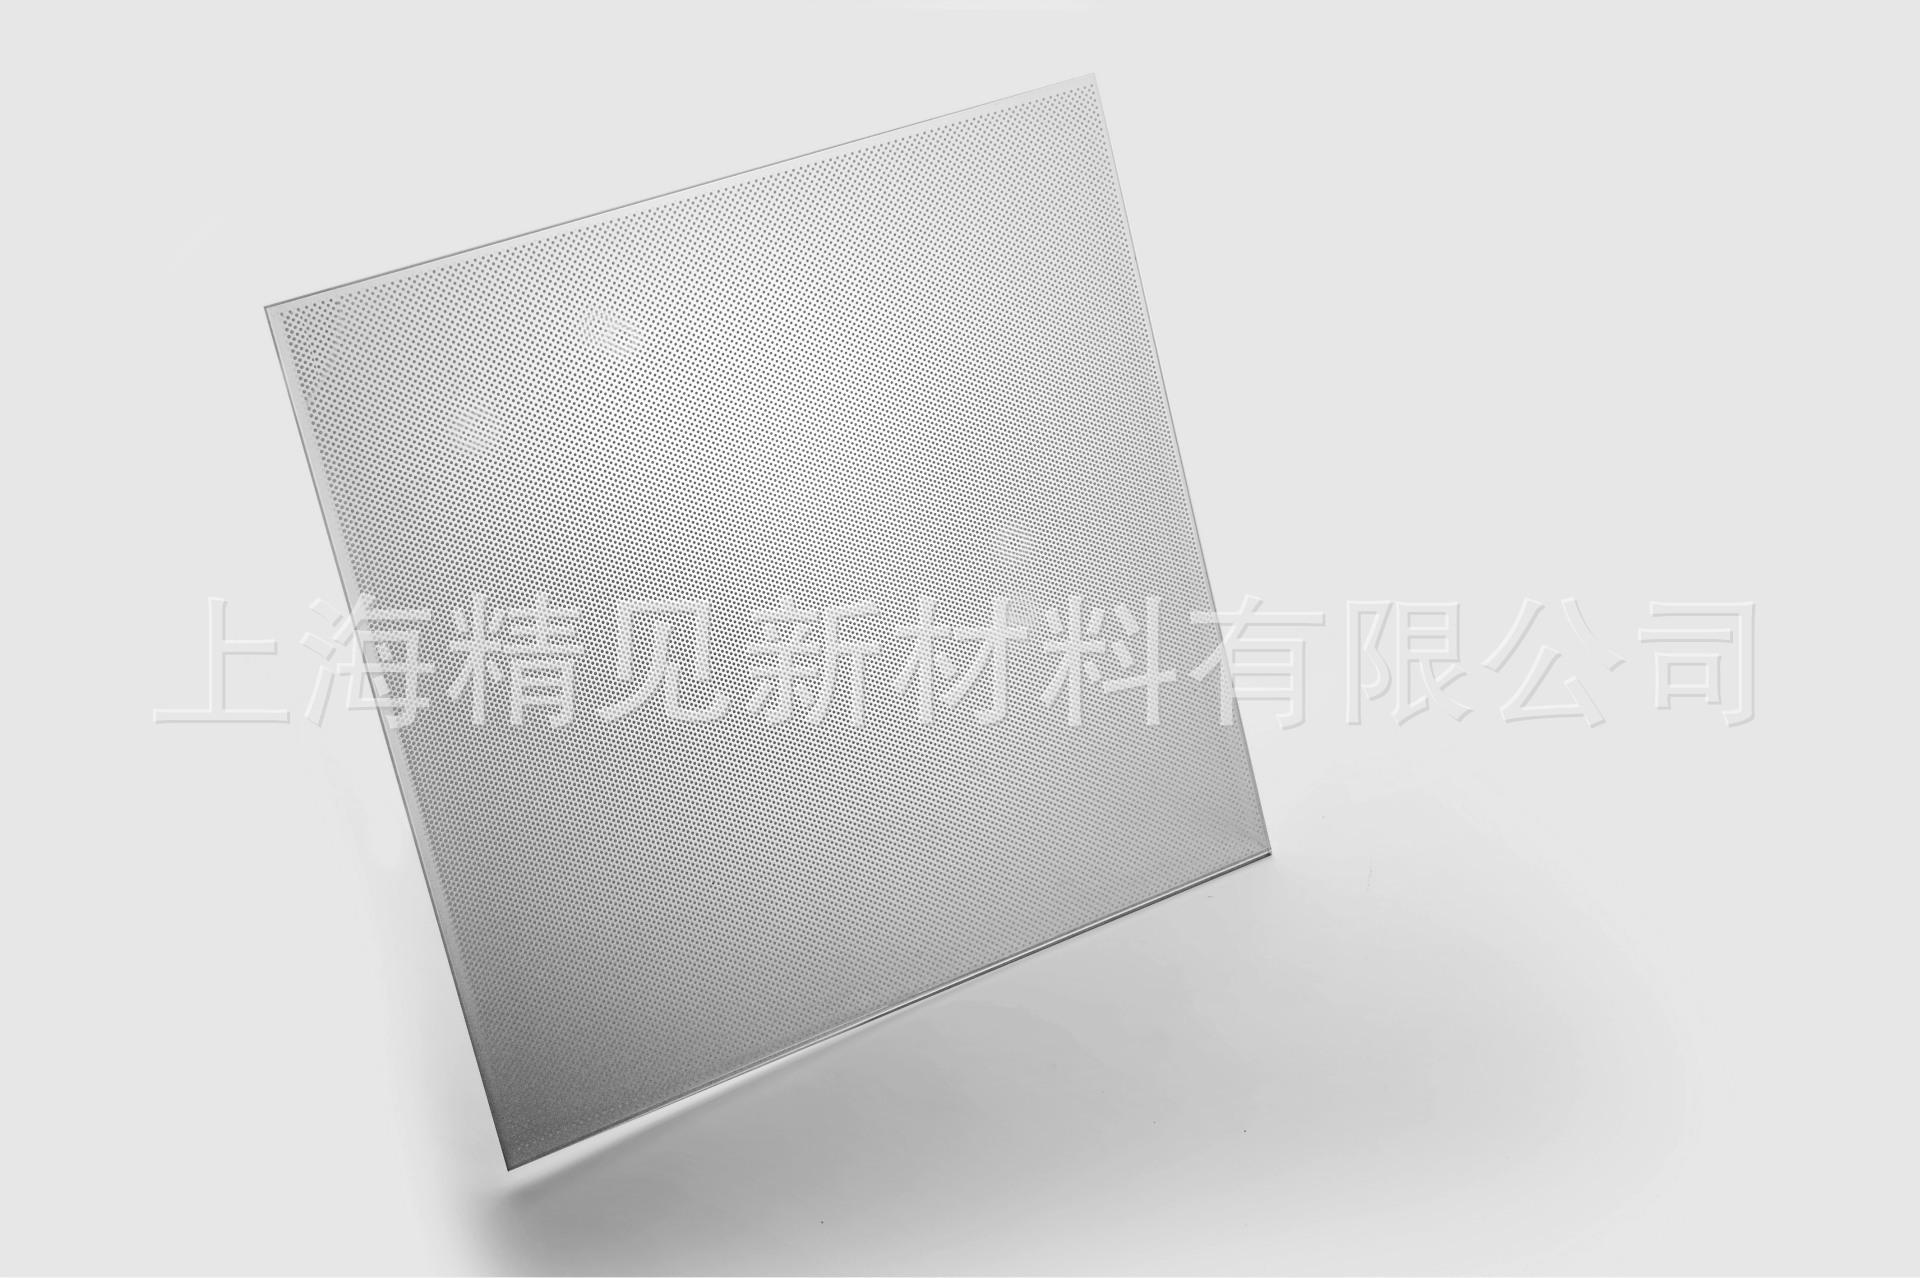 Tấm dẫn sáng Direct manufacturers 2mm light guide screen light guide plate manufacturers nano laser